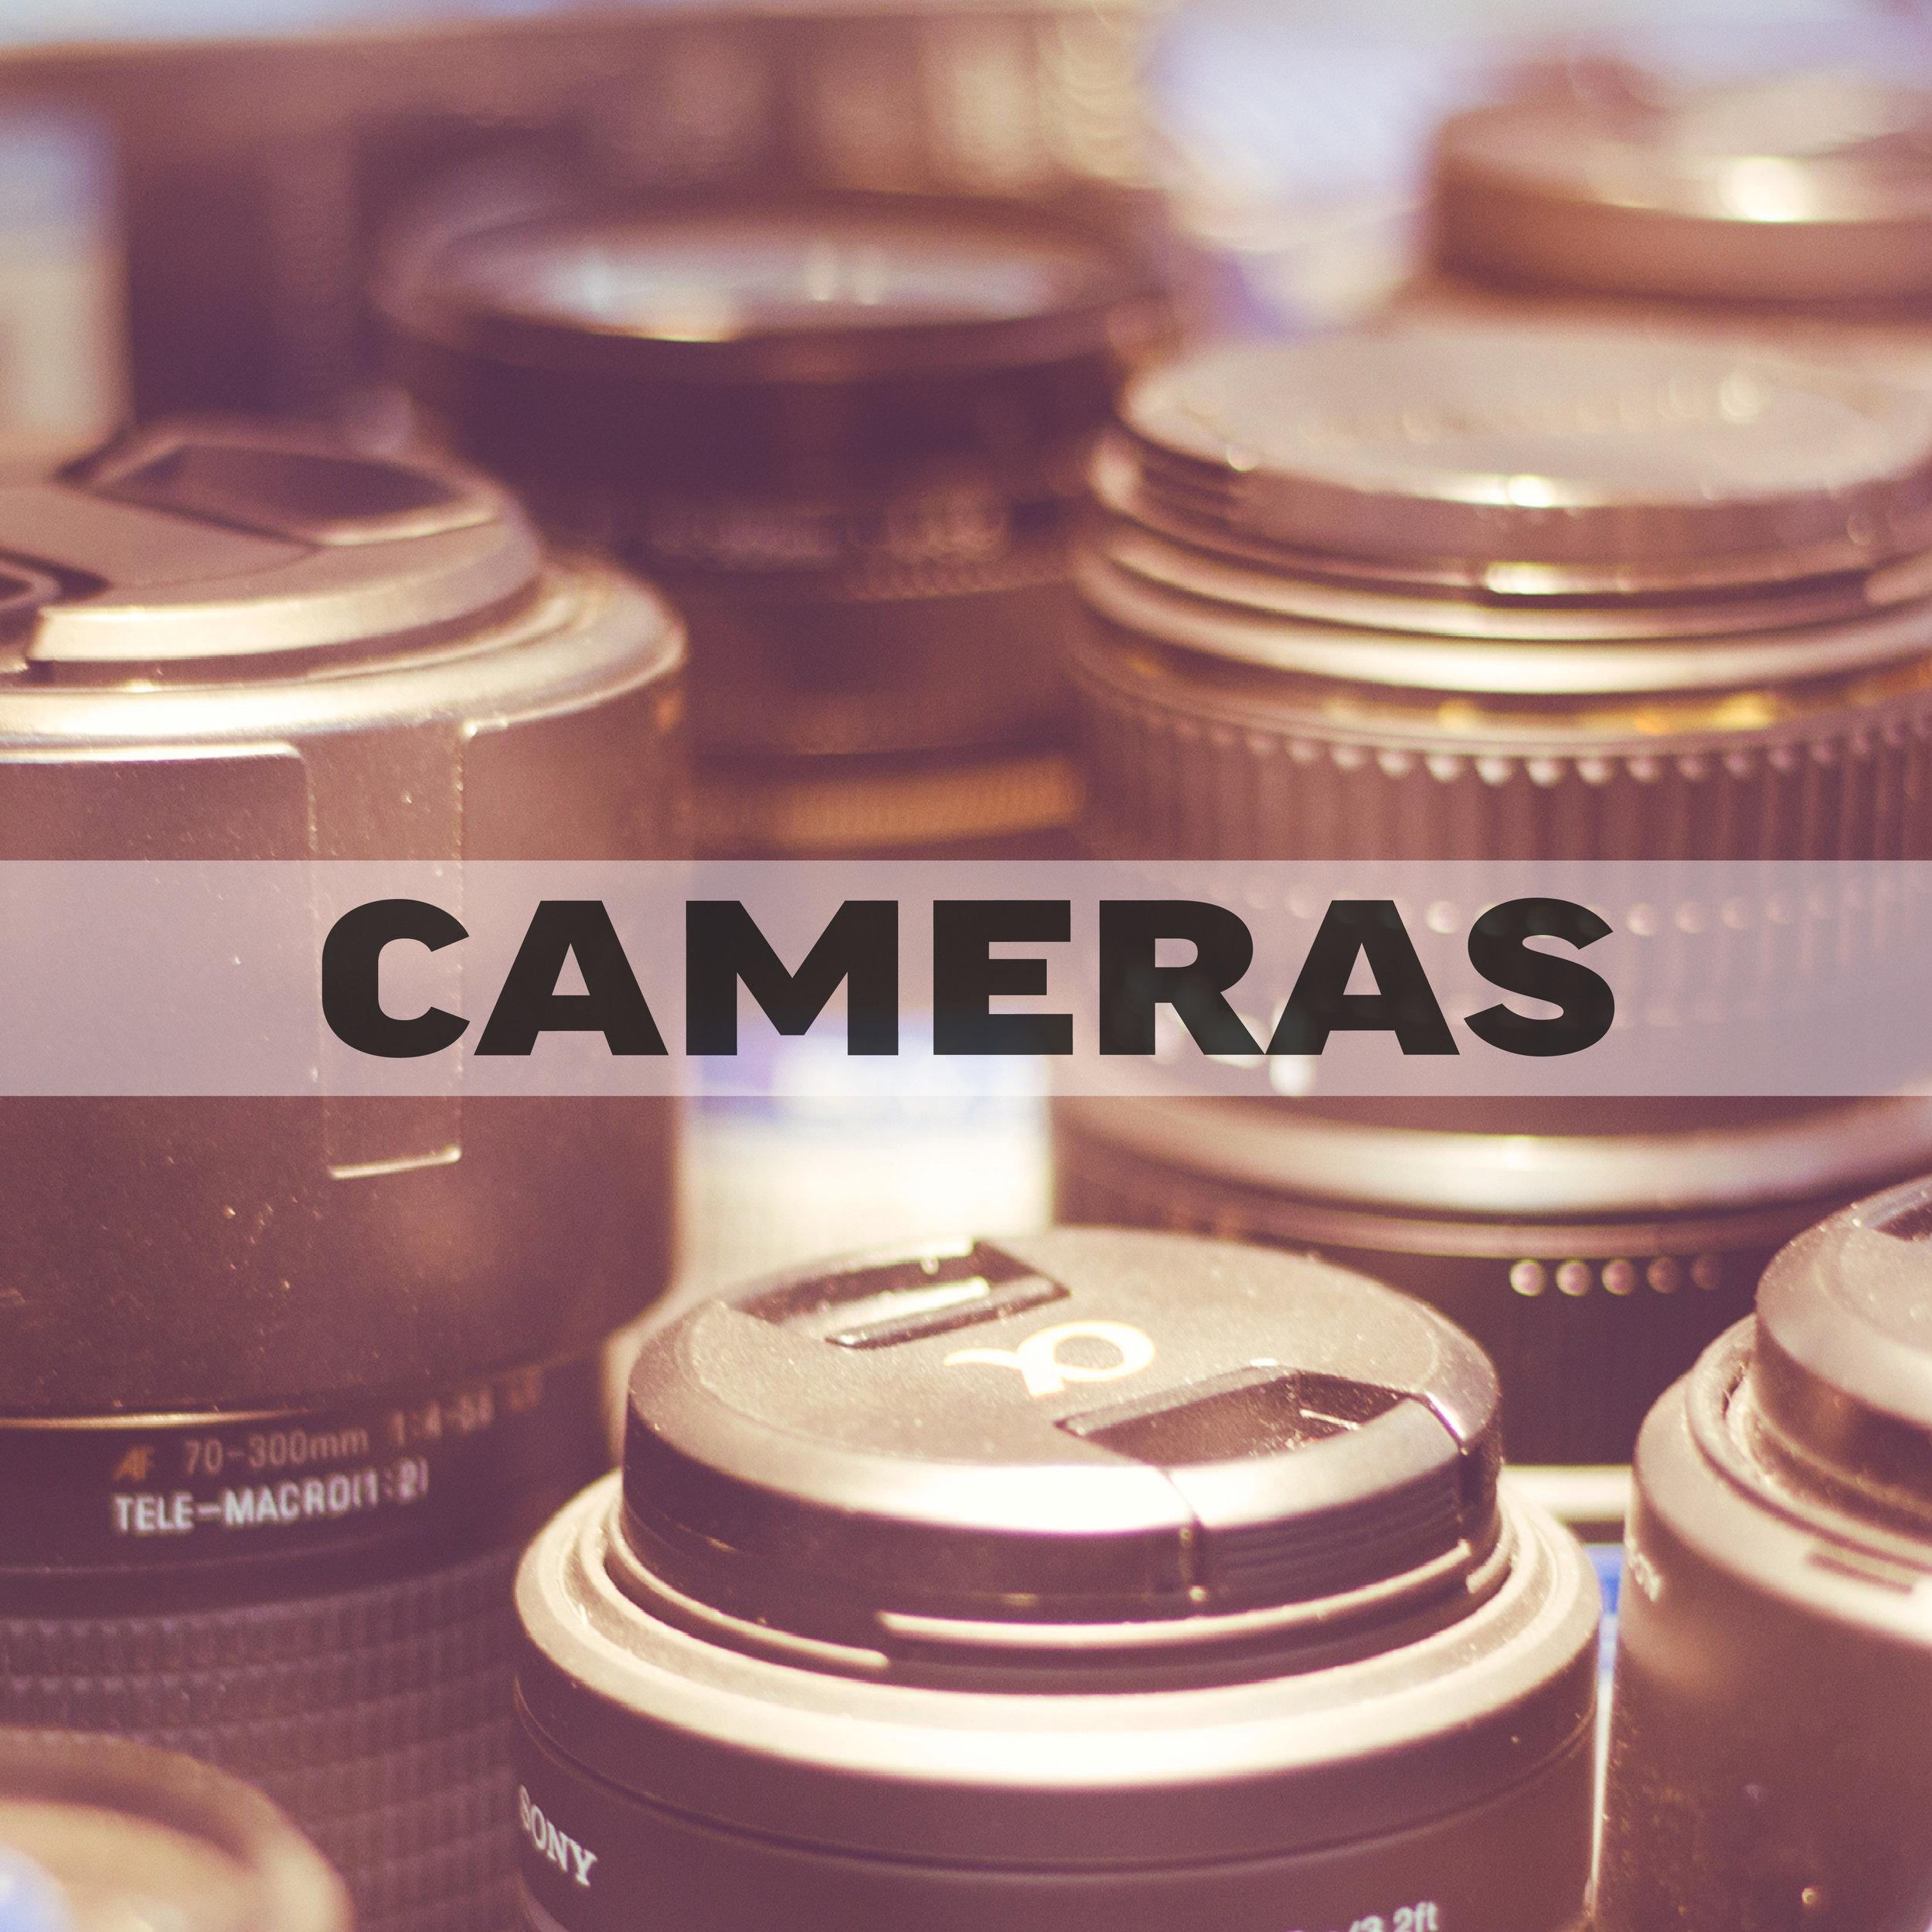 Cameras-01.jpg